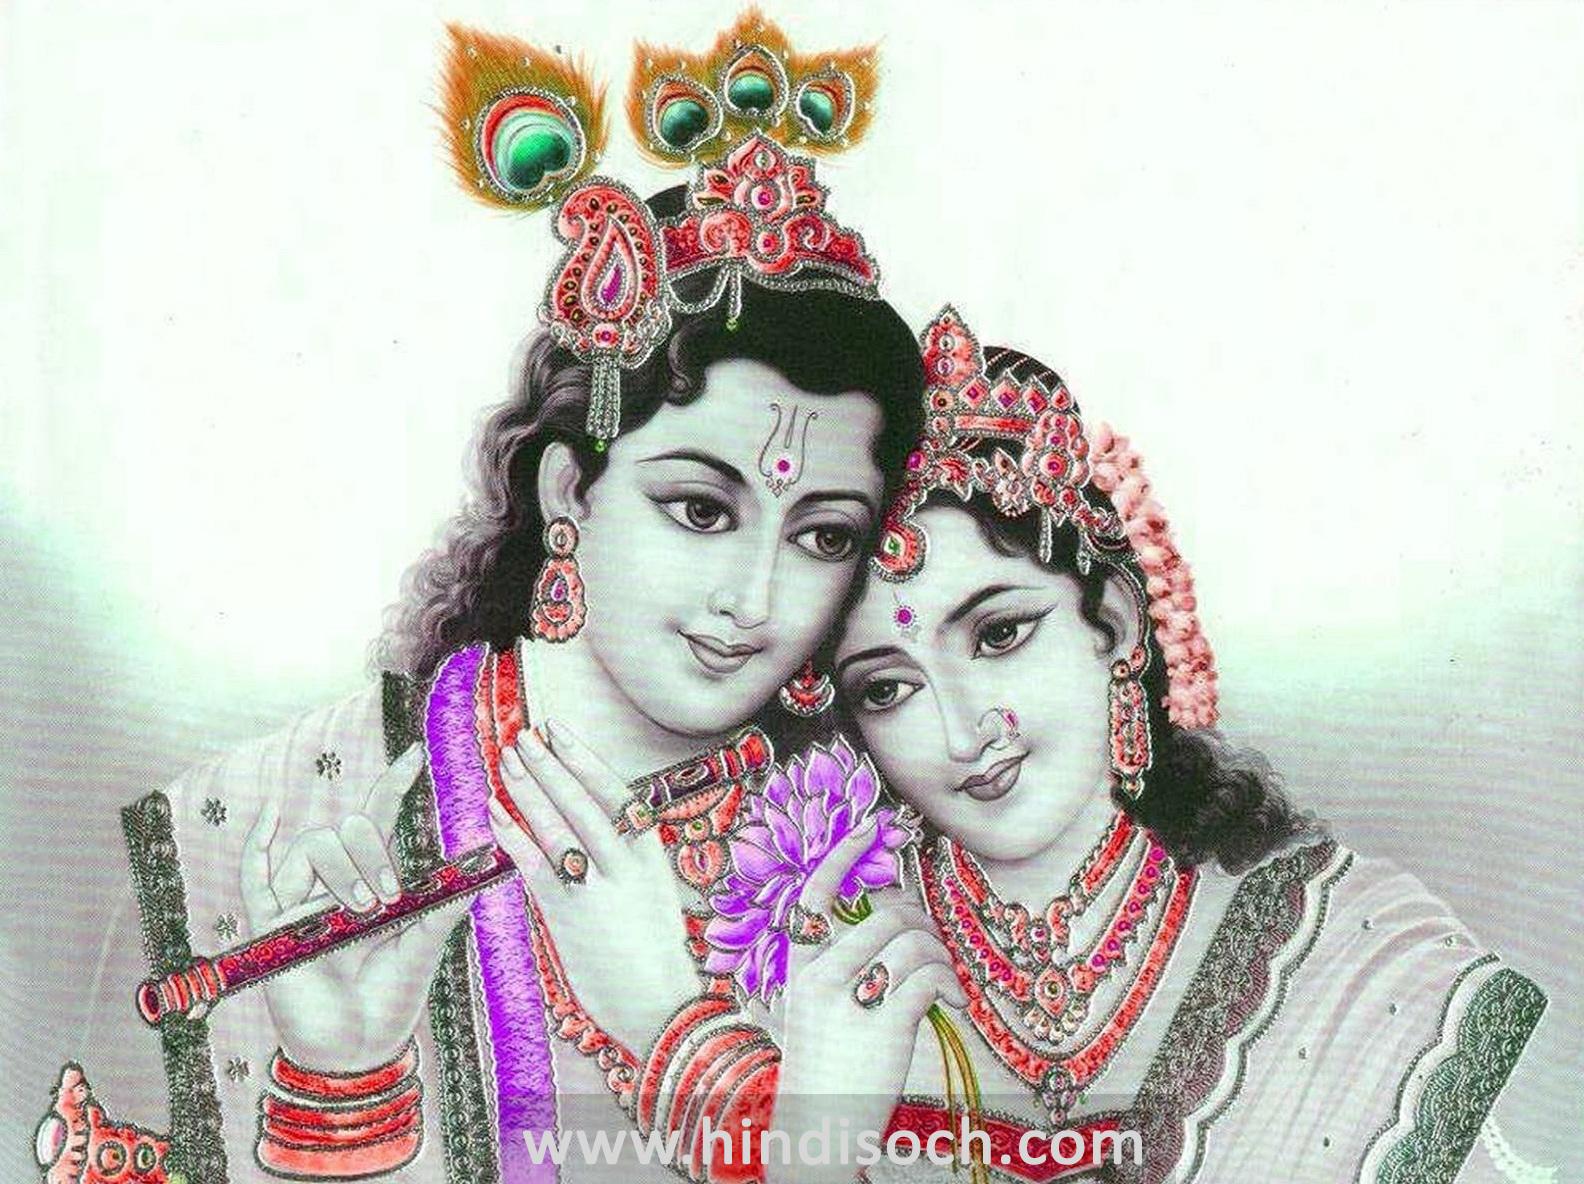 Radha Krishna Images Lord Krishna And Radha Love 554003 Hd